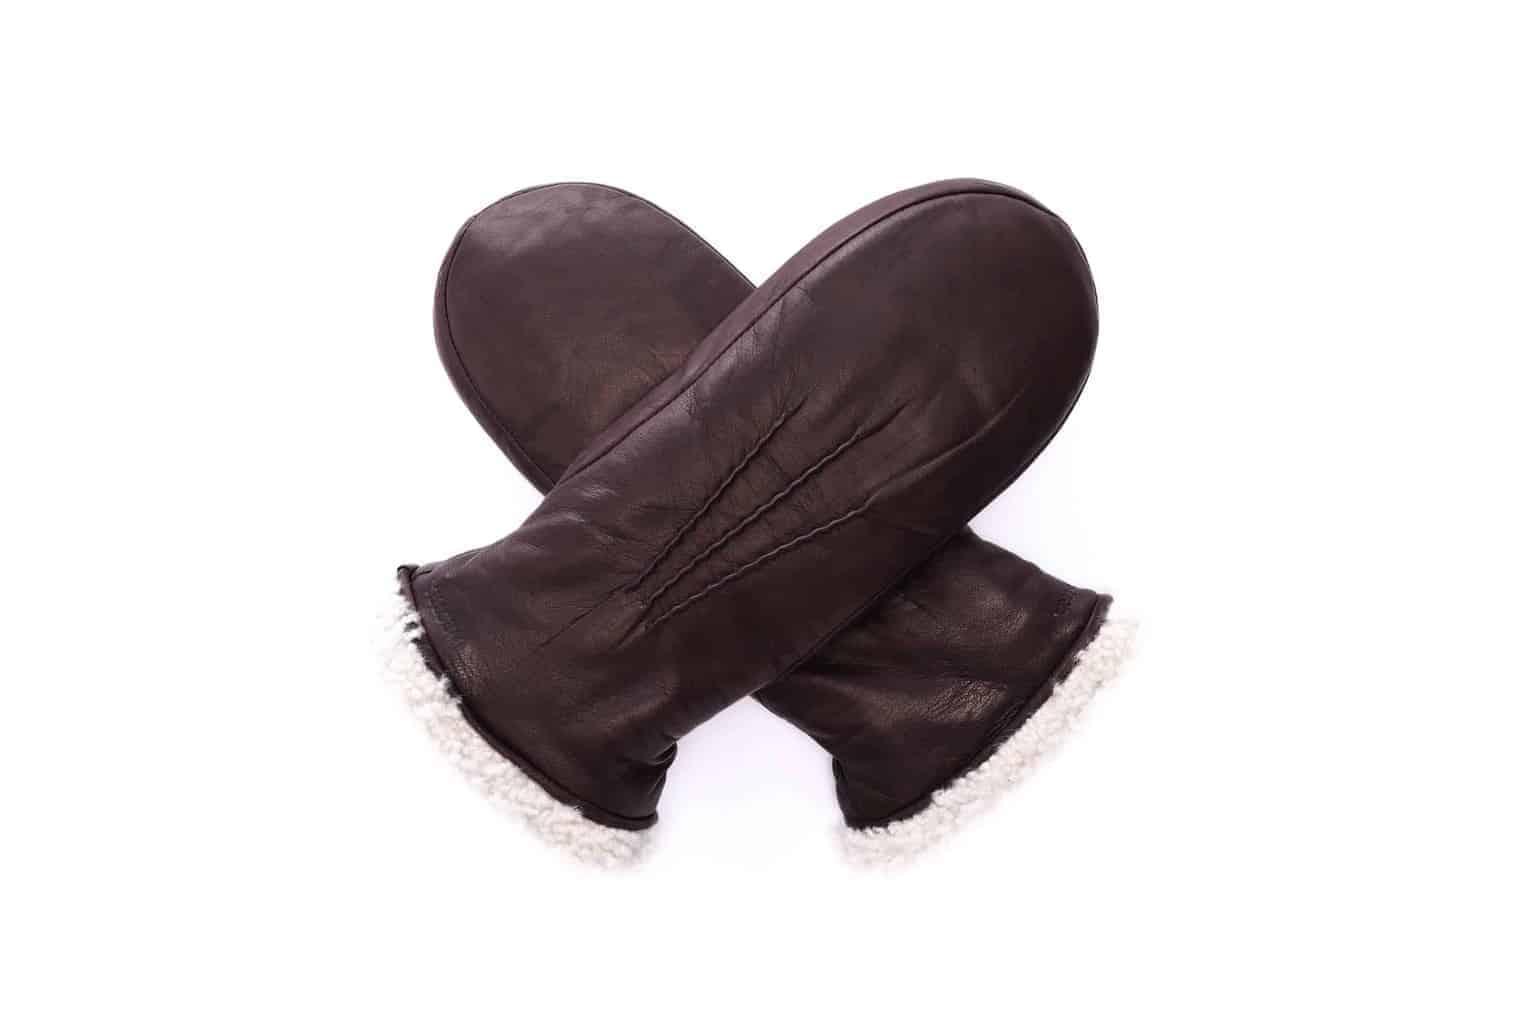 Hestra-votter til dame med pelsfôr 19171, espresso mørkebrun - overside vott i kryss